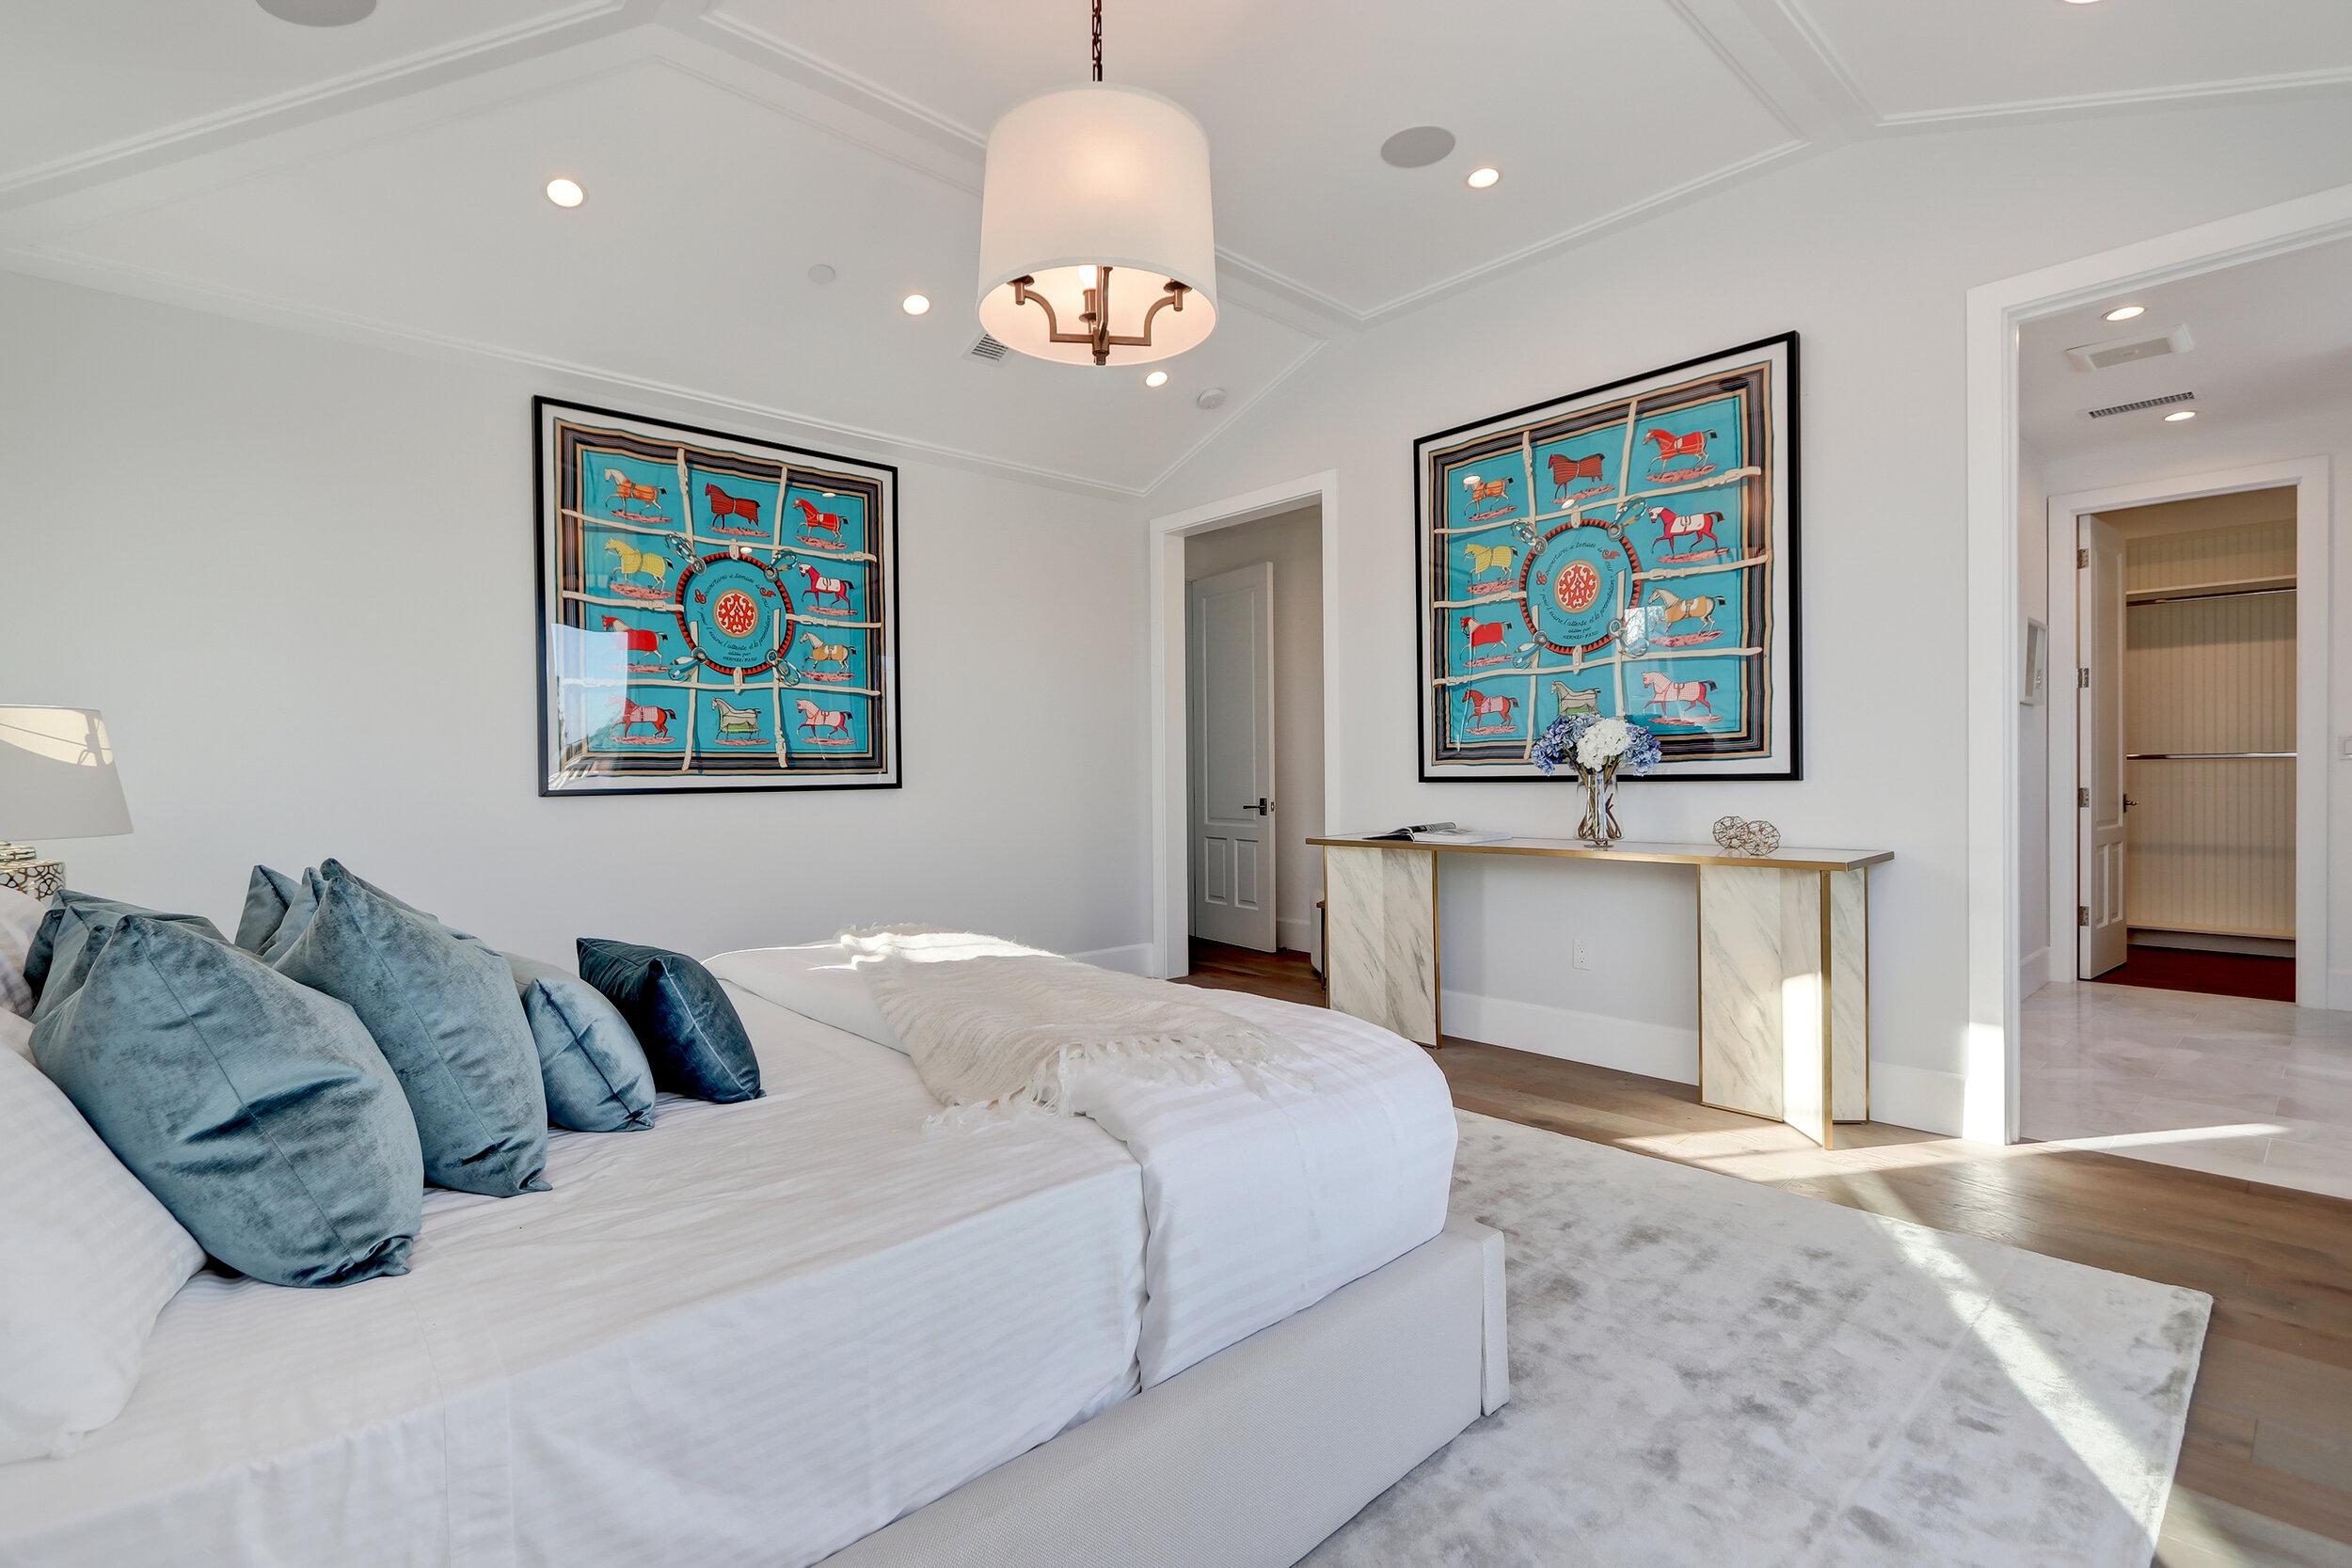 Kafaei - 2710 Cardiff_Master Bedroom4.jpg